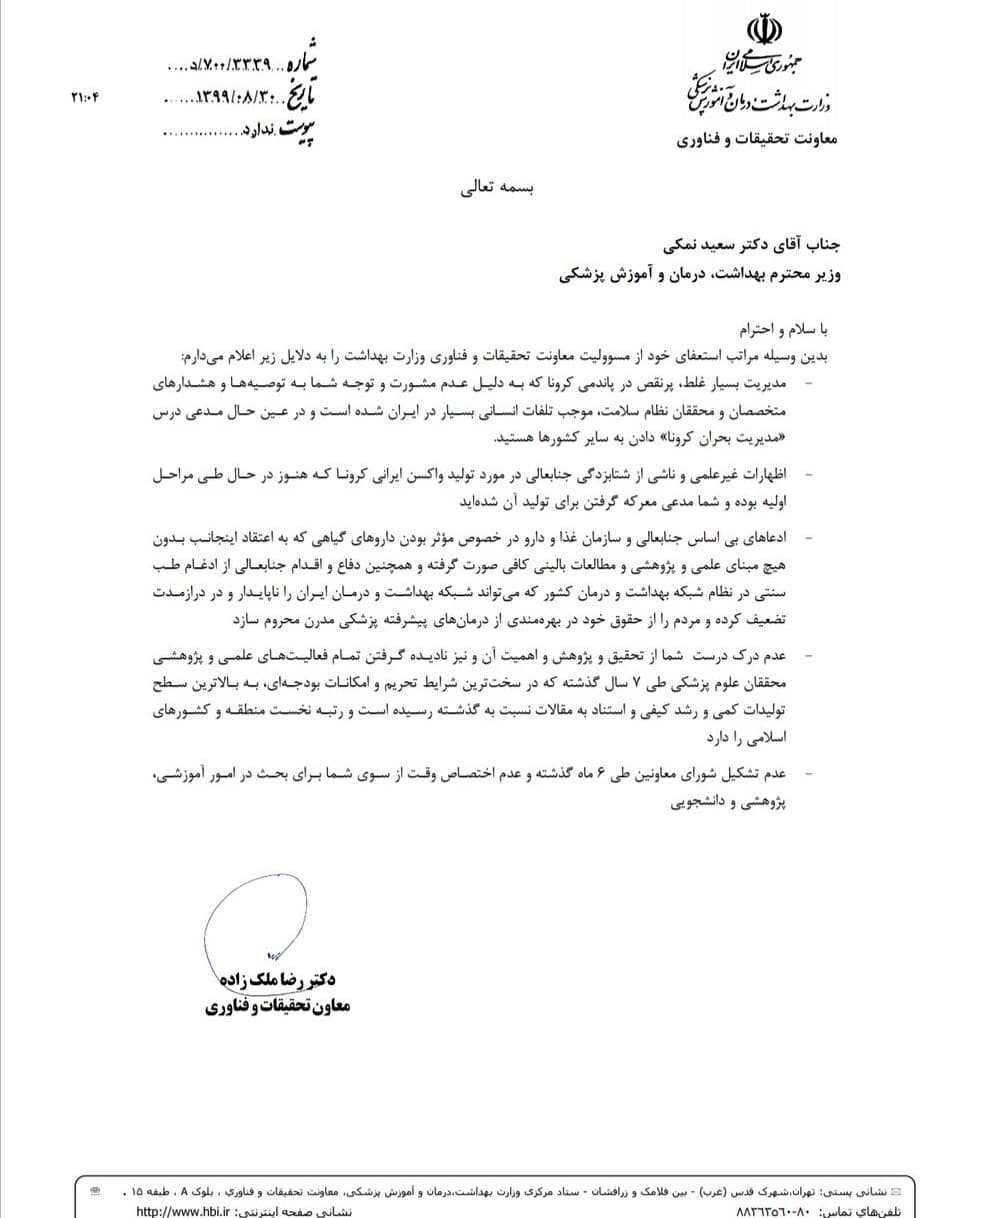 معاون تحقیقات و فناوری وزارت بهداشت استعفا داد